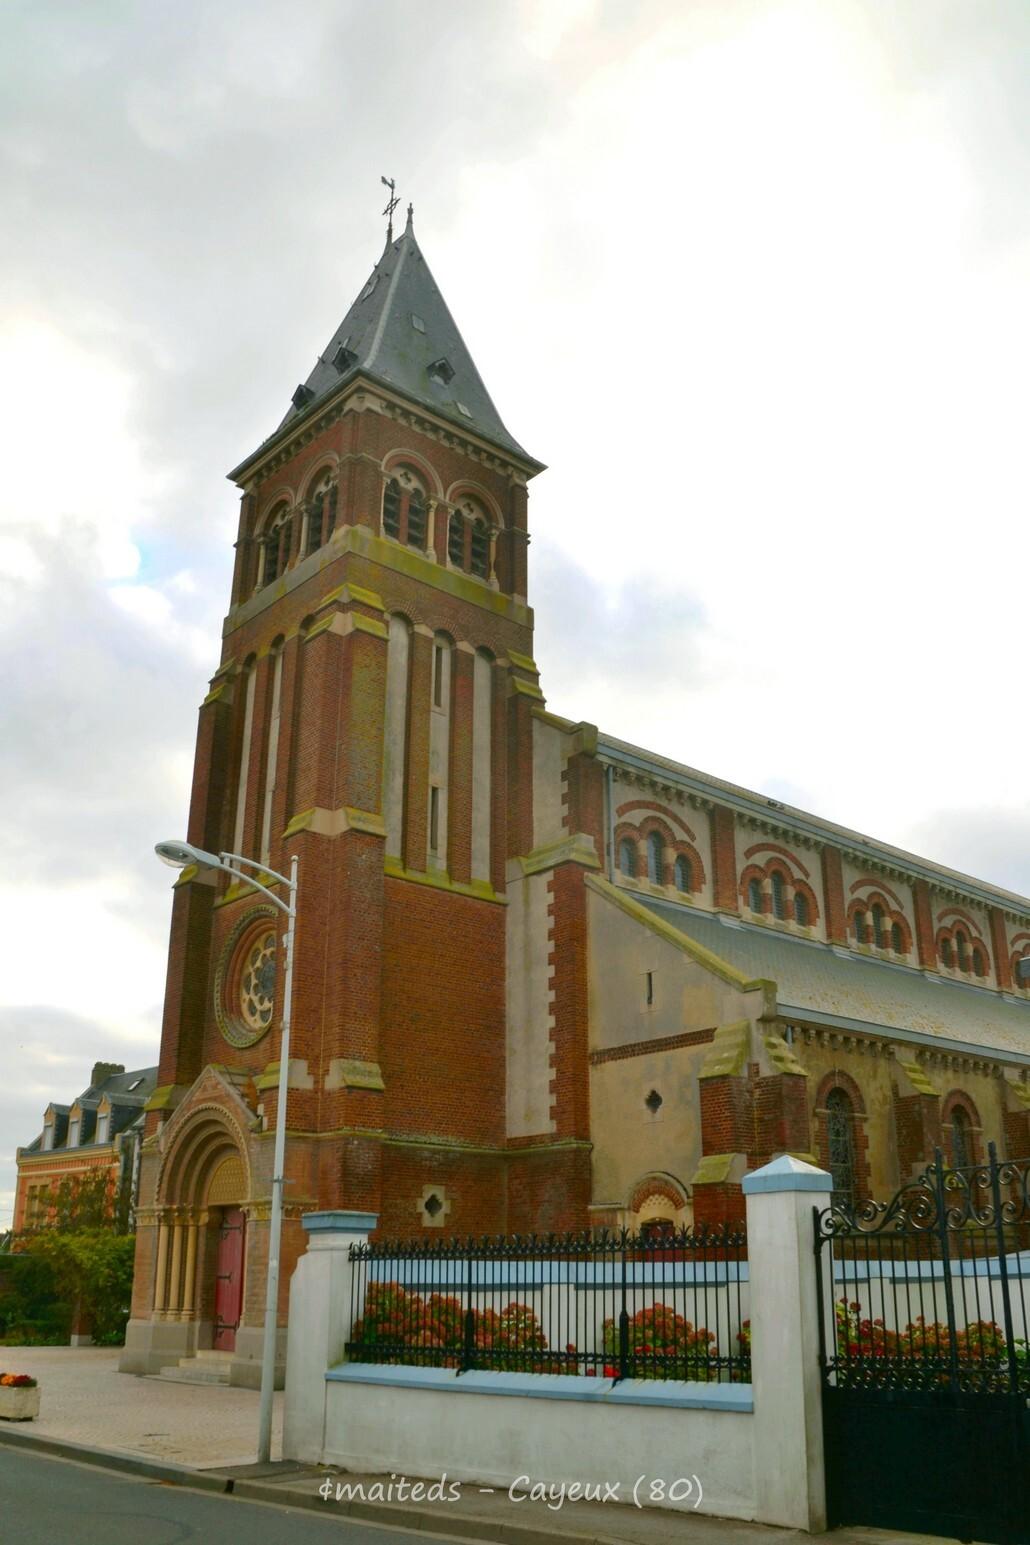 Eglise Saint-Pierre - Cayeux-sur-mer - Somme (1)